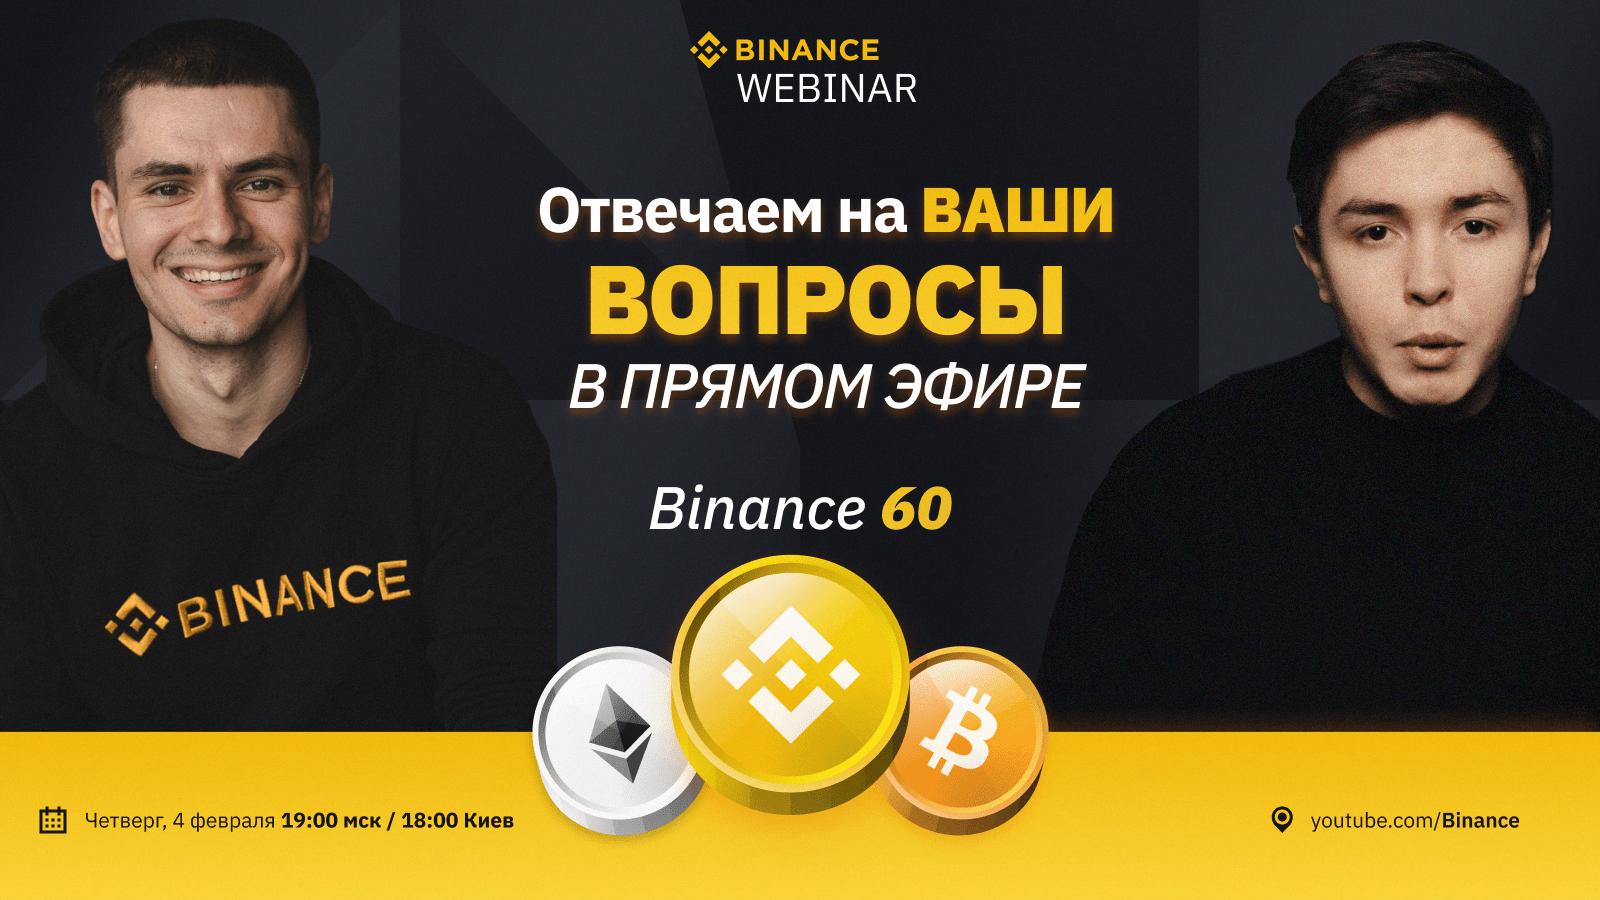 новая криптовалюта на бинанс официальный сайт в этом месяце 2021